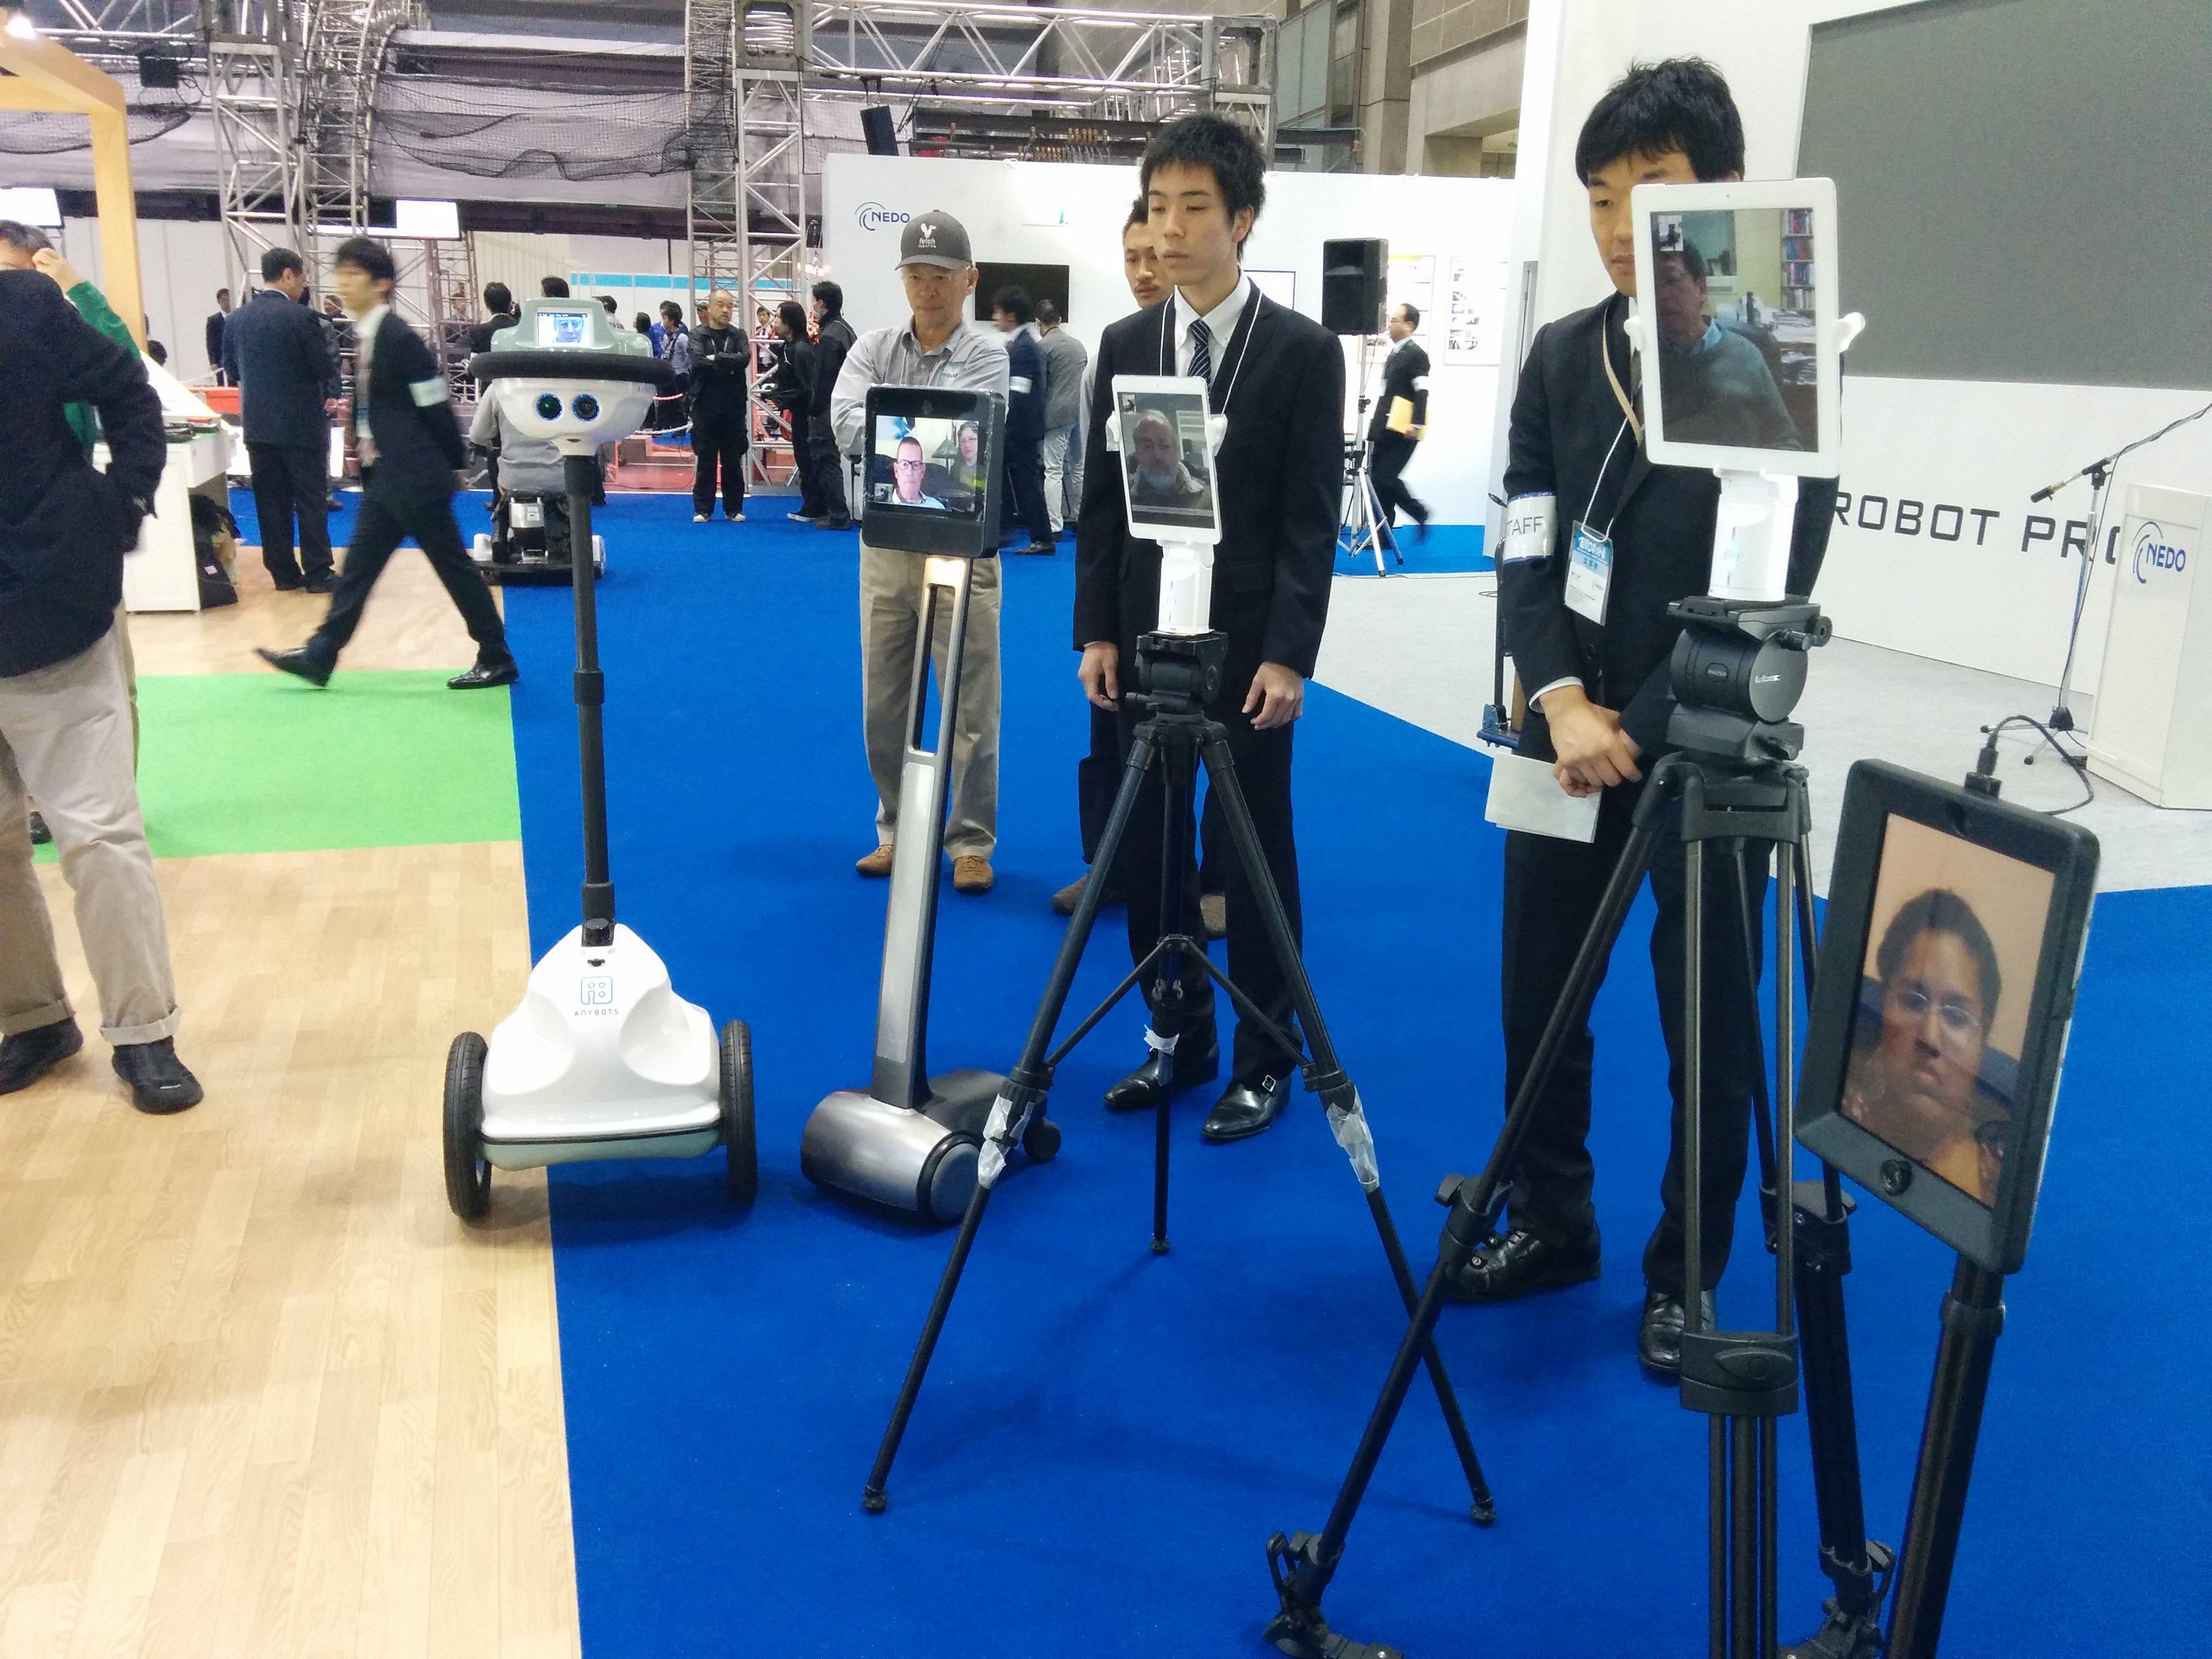 開発者から介護ロボットの説明を聞く5人のテレプレゼンス・ロボット登壇者